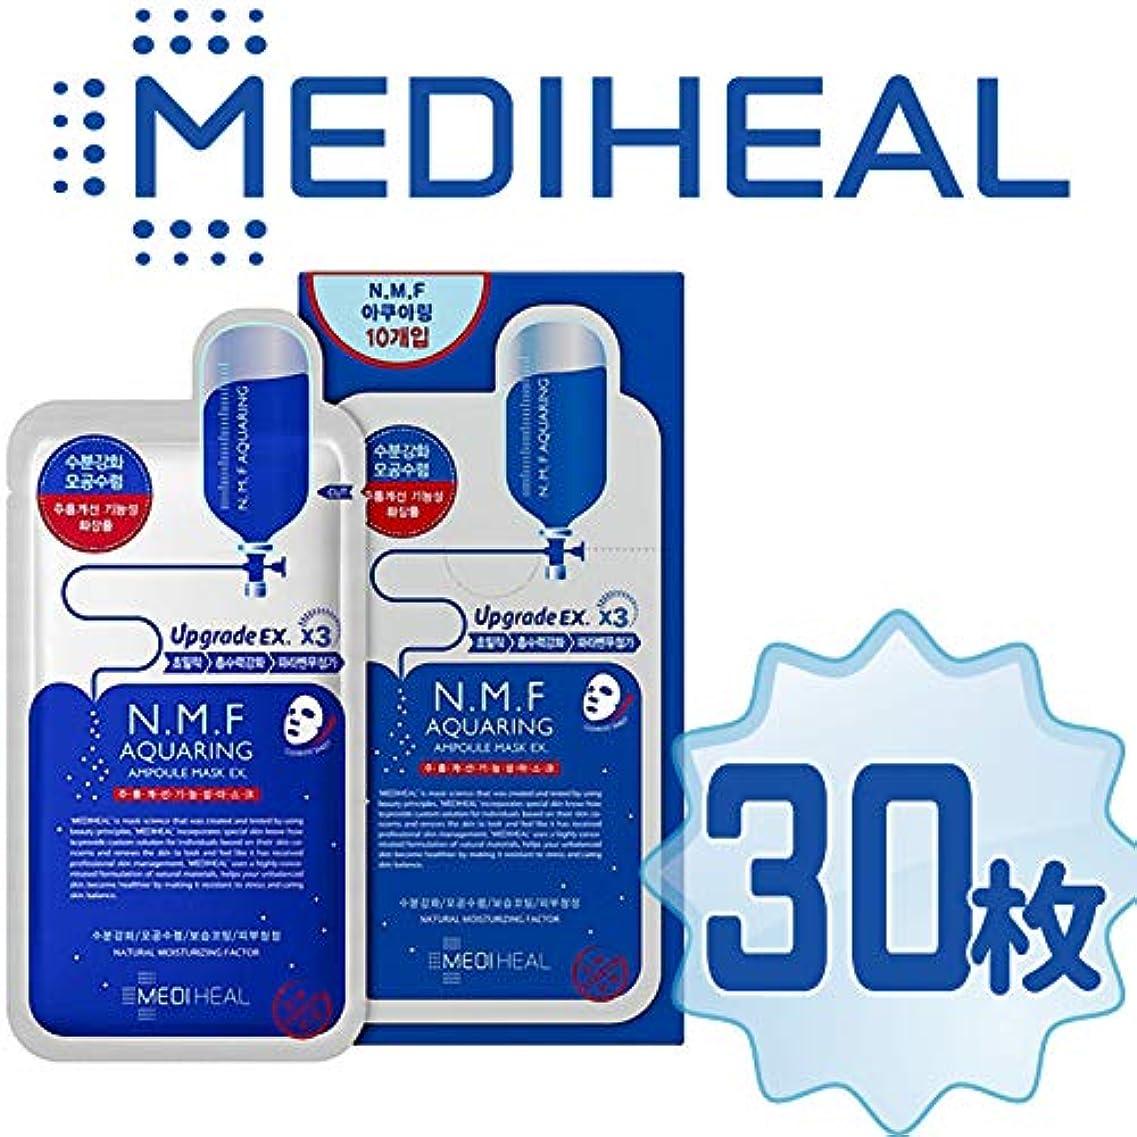 スロベニア頭ピクニック【正規輸入品】Mediheal メディヒール N.M.F アクアリング アンプル?マスクパックEX 10枚入り×3(Aquaring Ampoule Essential Mask PackEX 1box(10sheet)×3